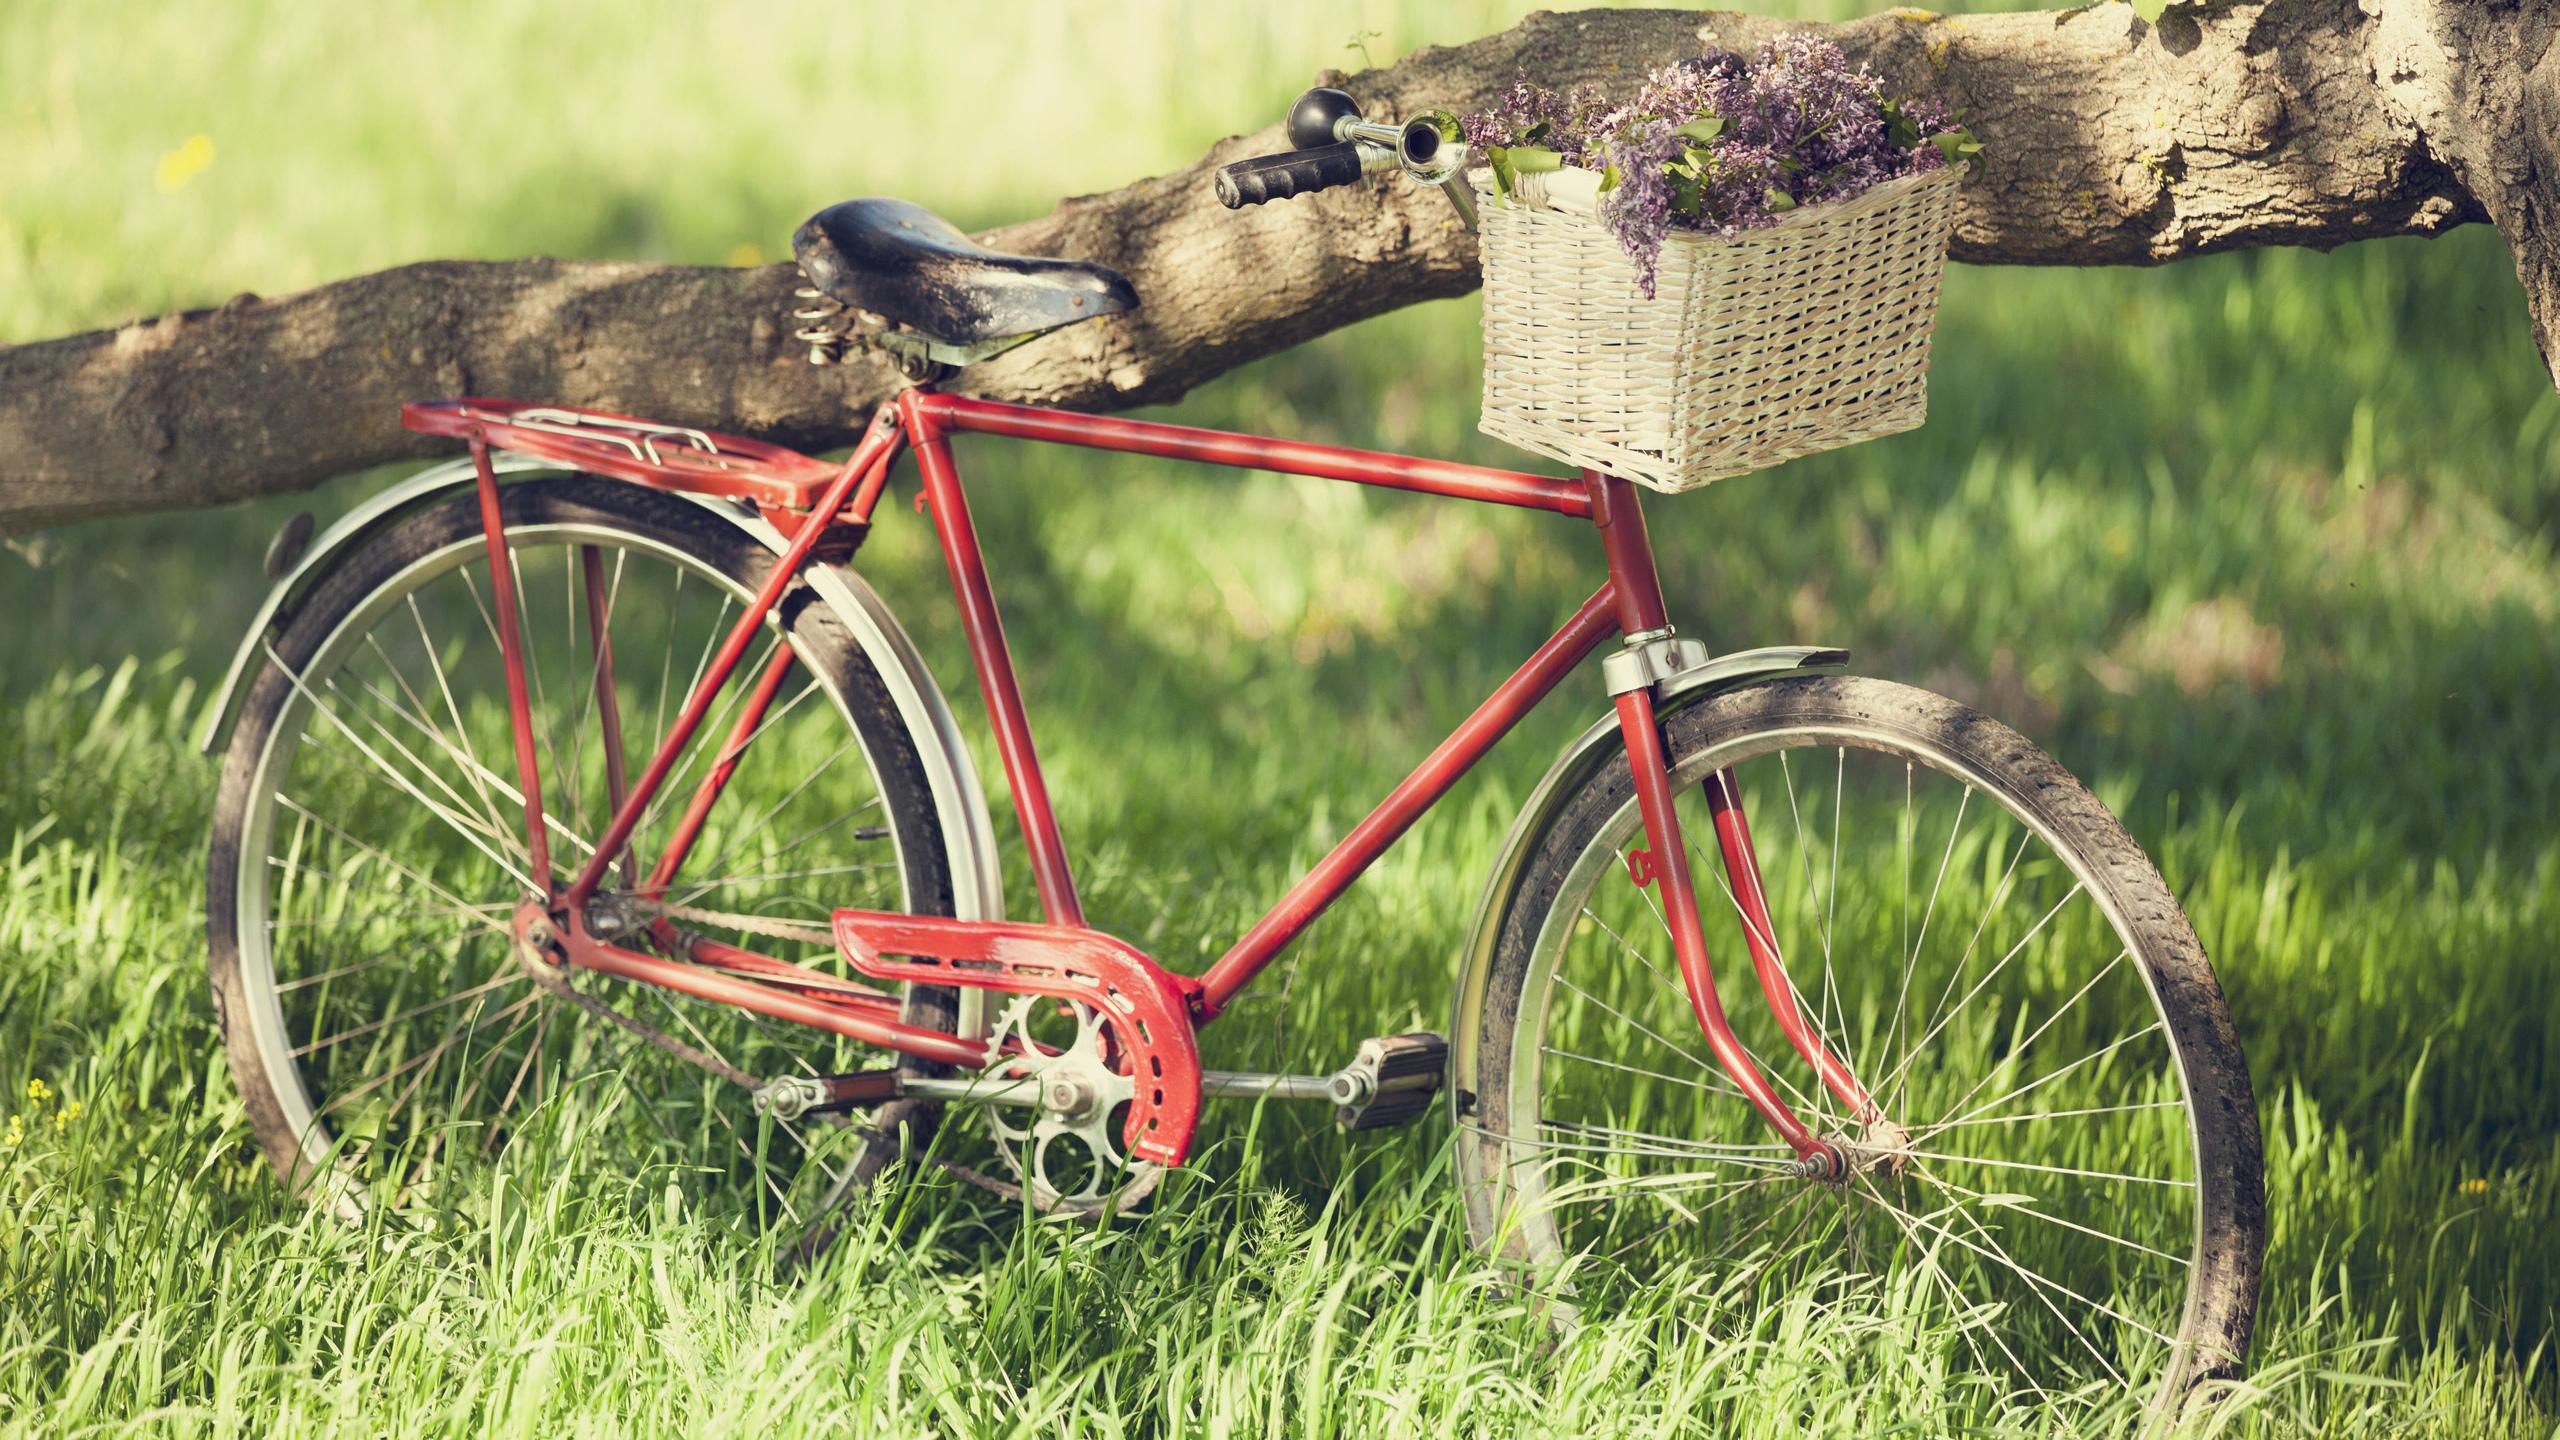 Bicycle Hd Desktop